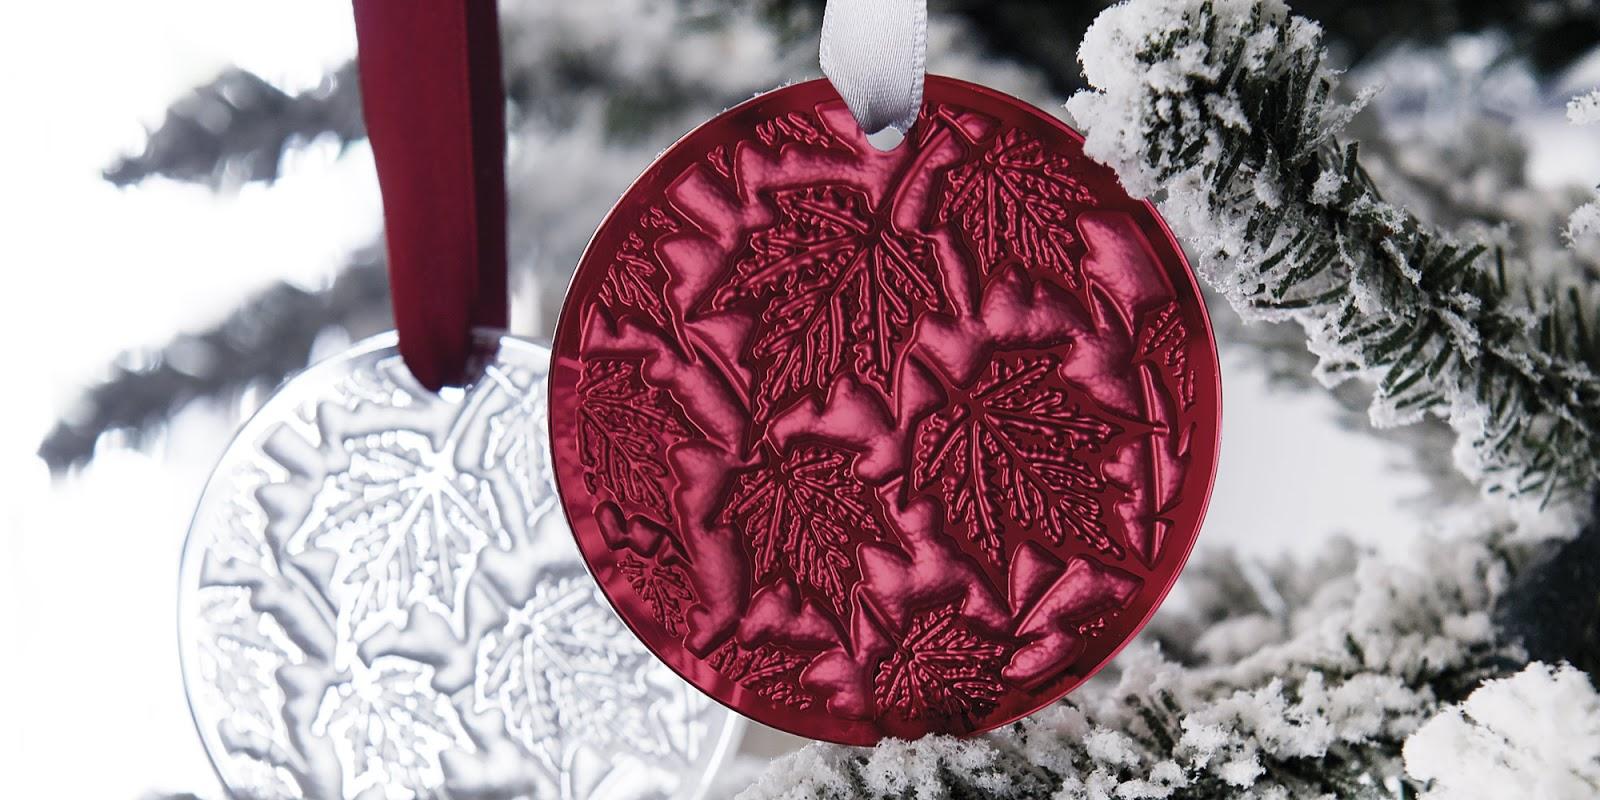 Satchel: Lalique Champs-Elysées Christmas Tree Ornament